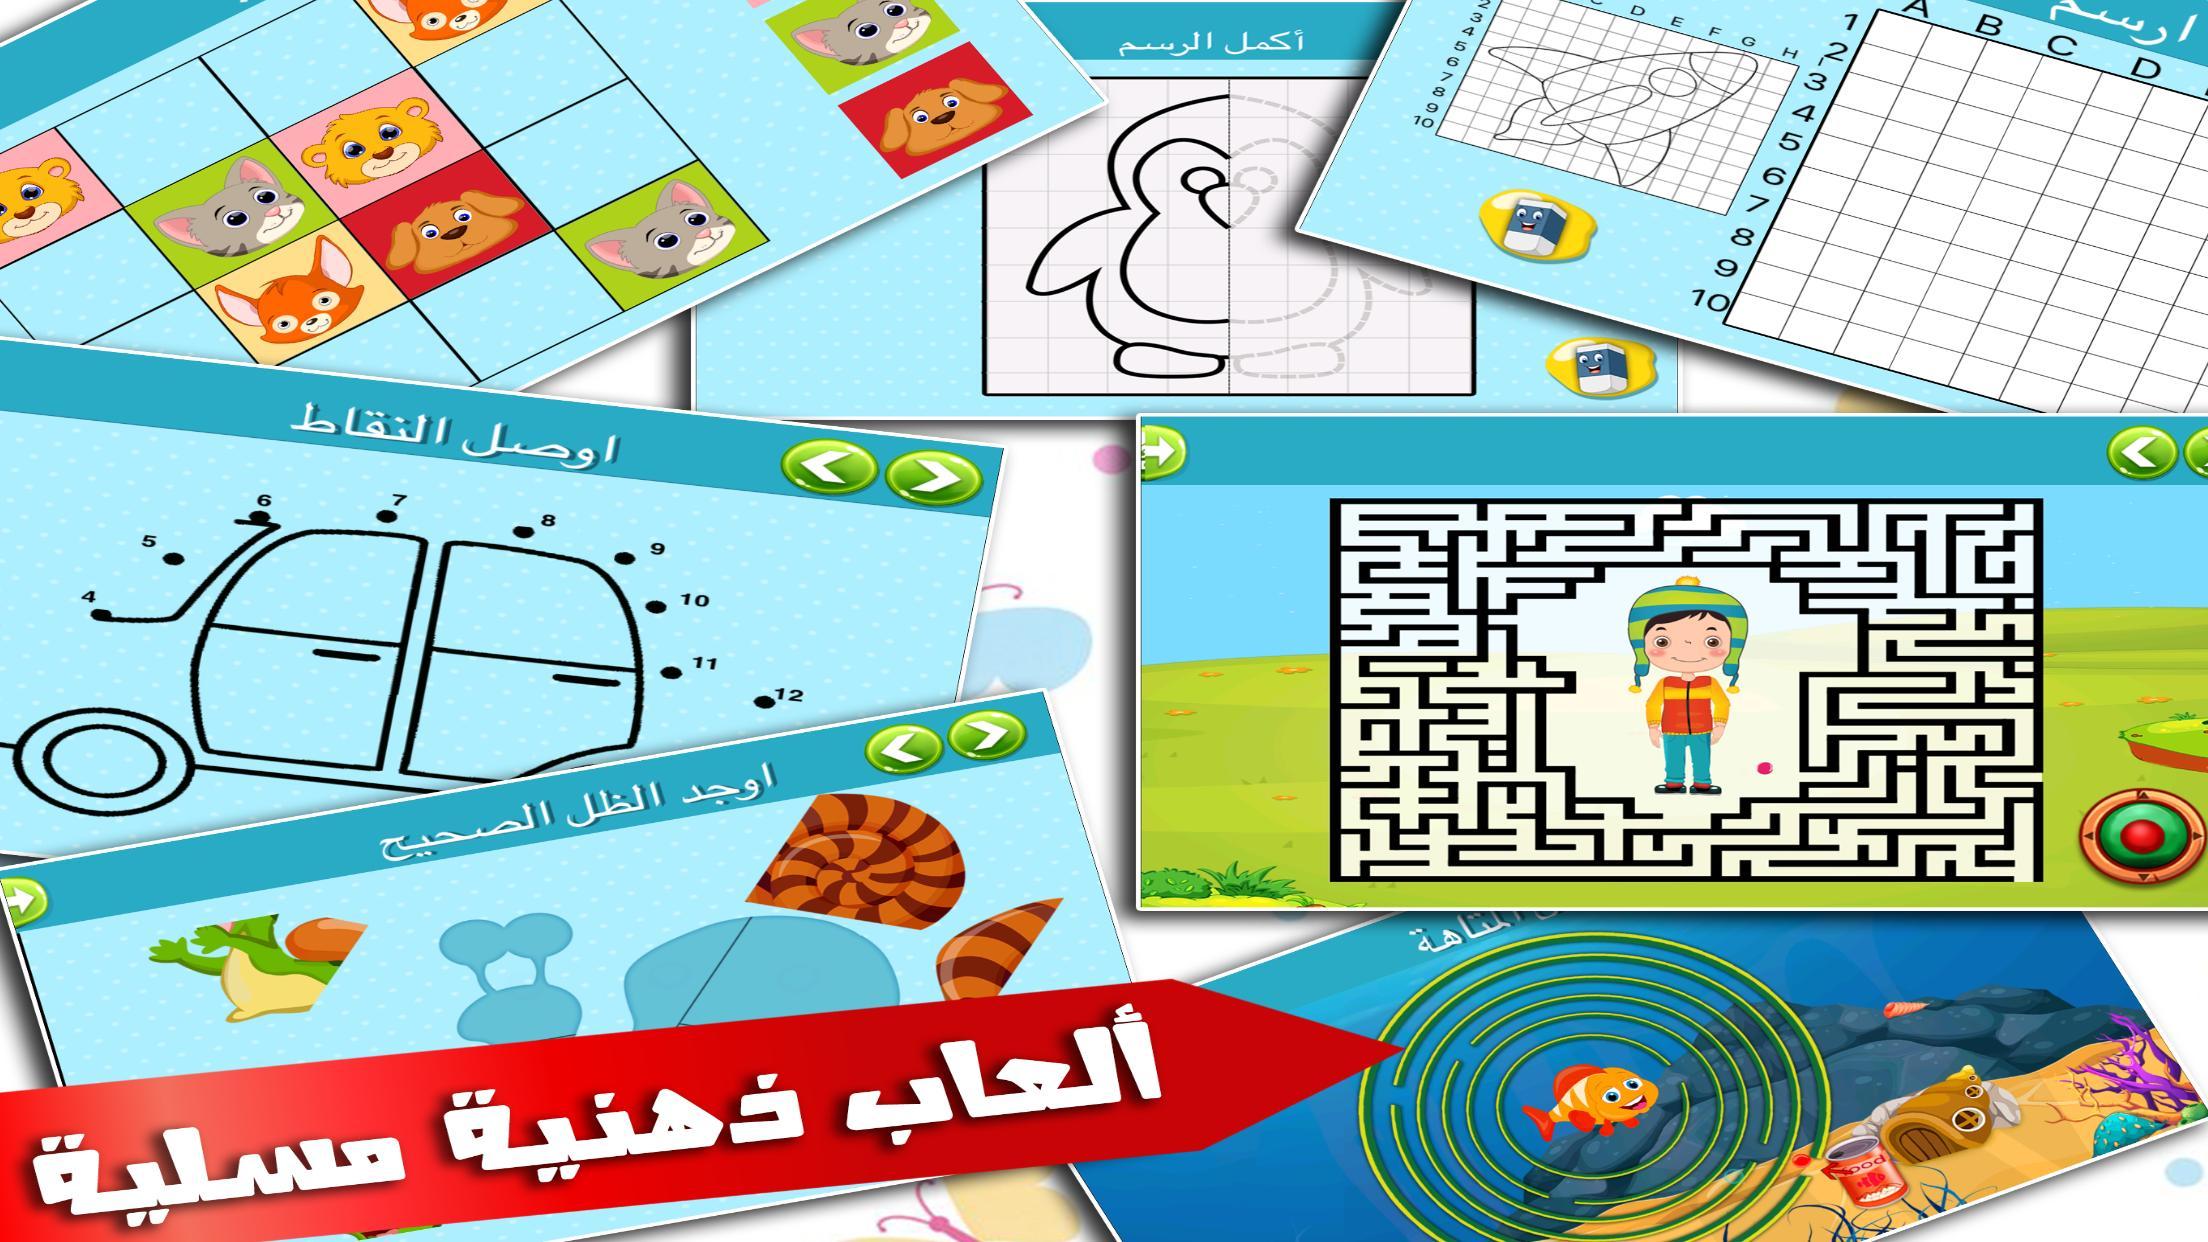 العاب ذكاء اطفال و بنات تعليمية التعليم و الذكاء 1.0.1 Screenshot 4